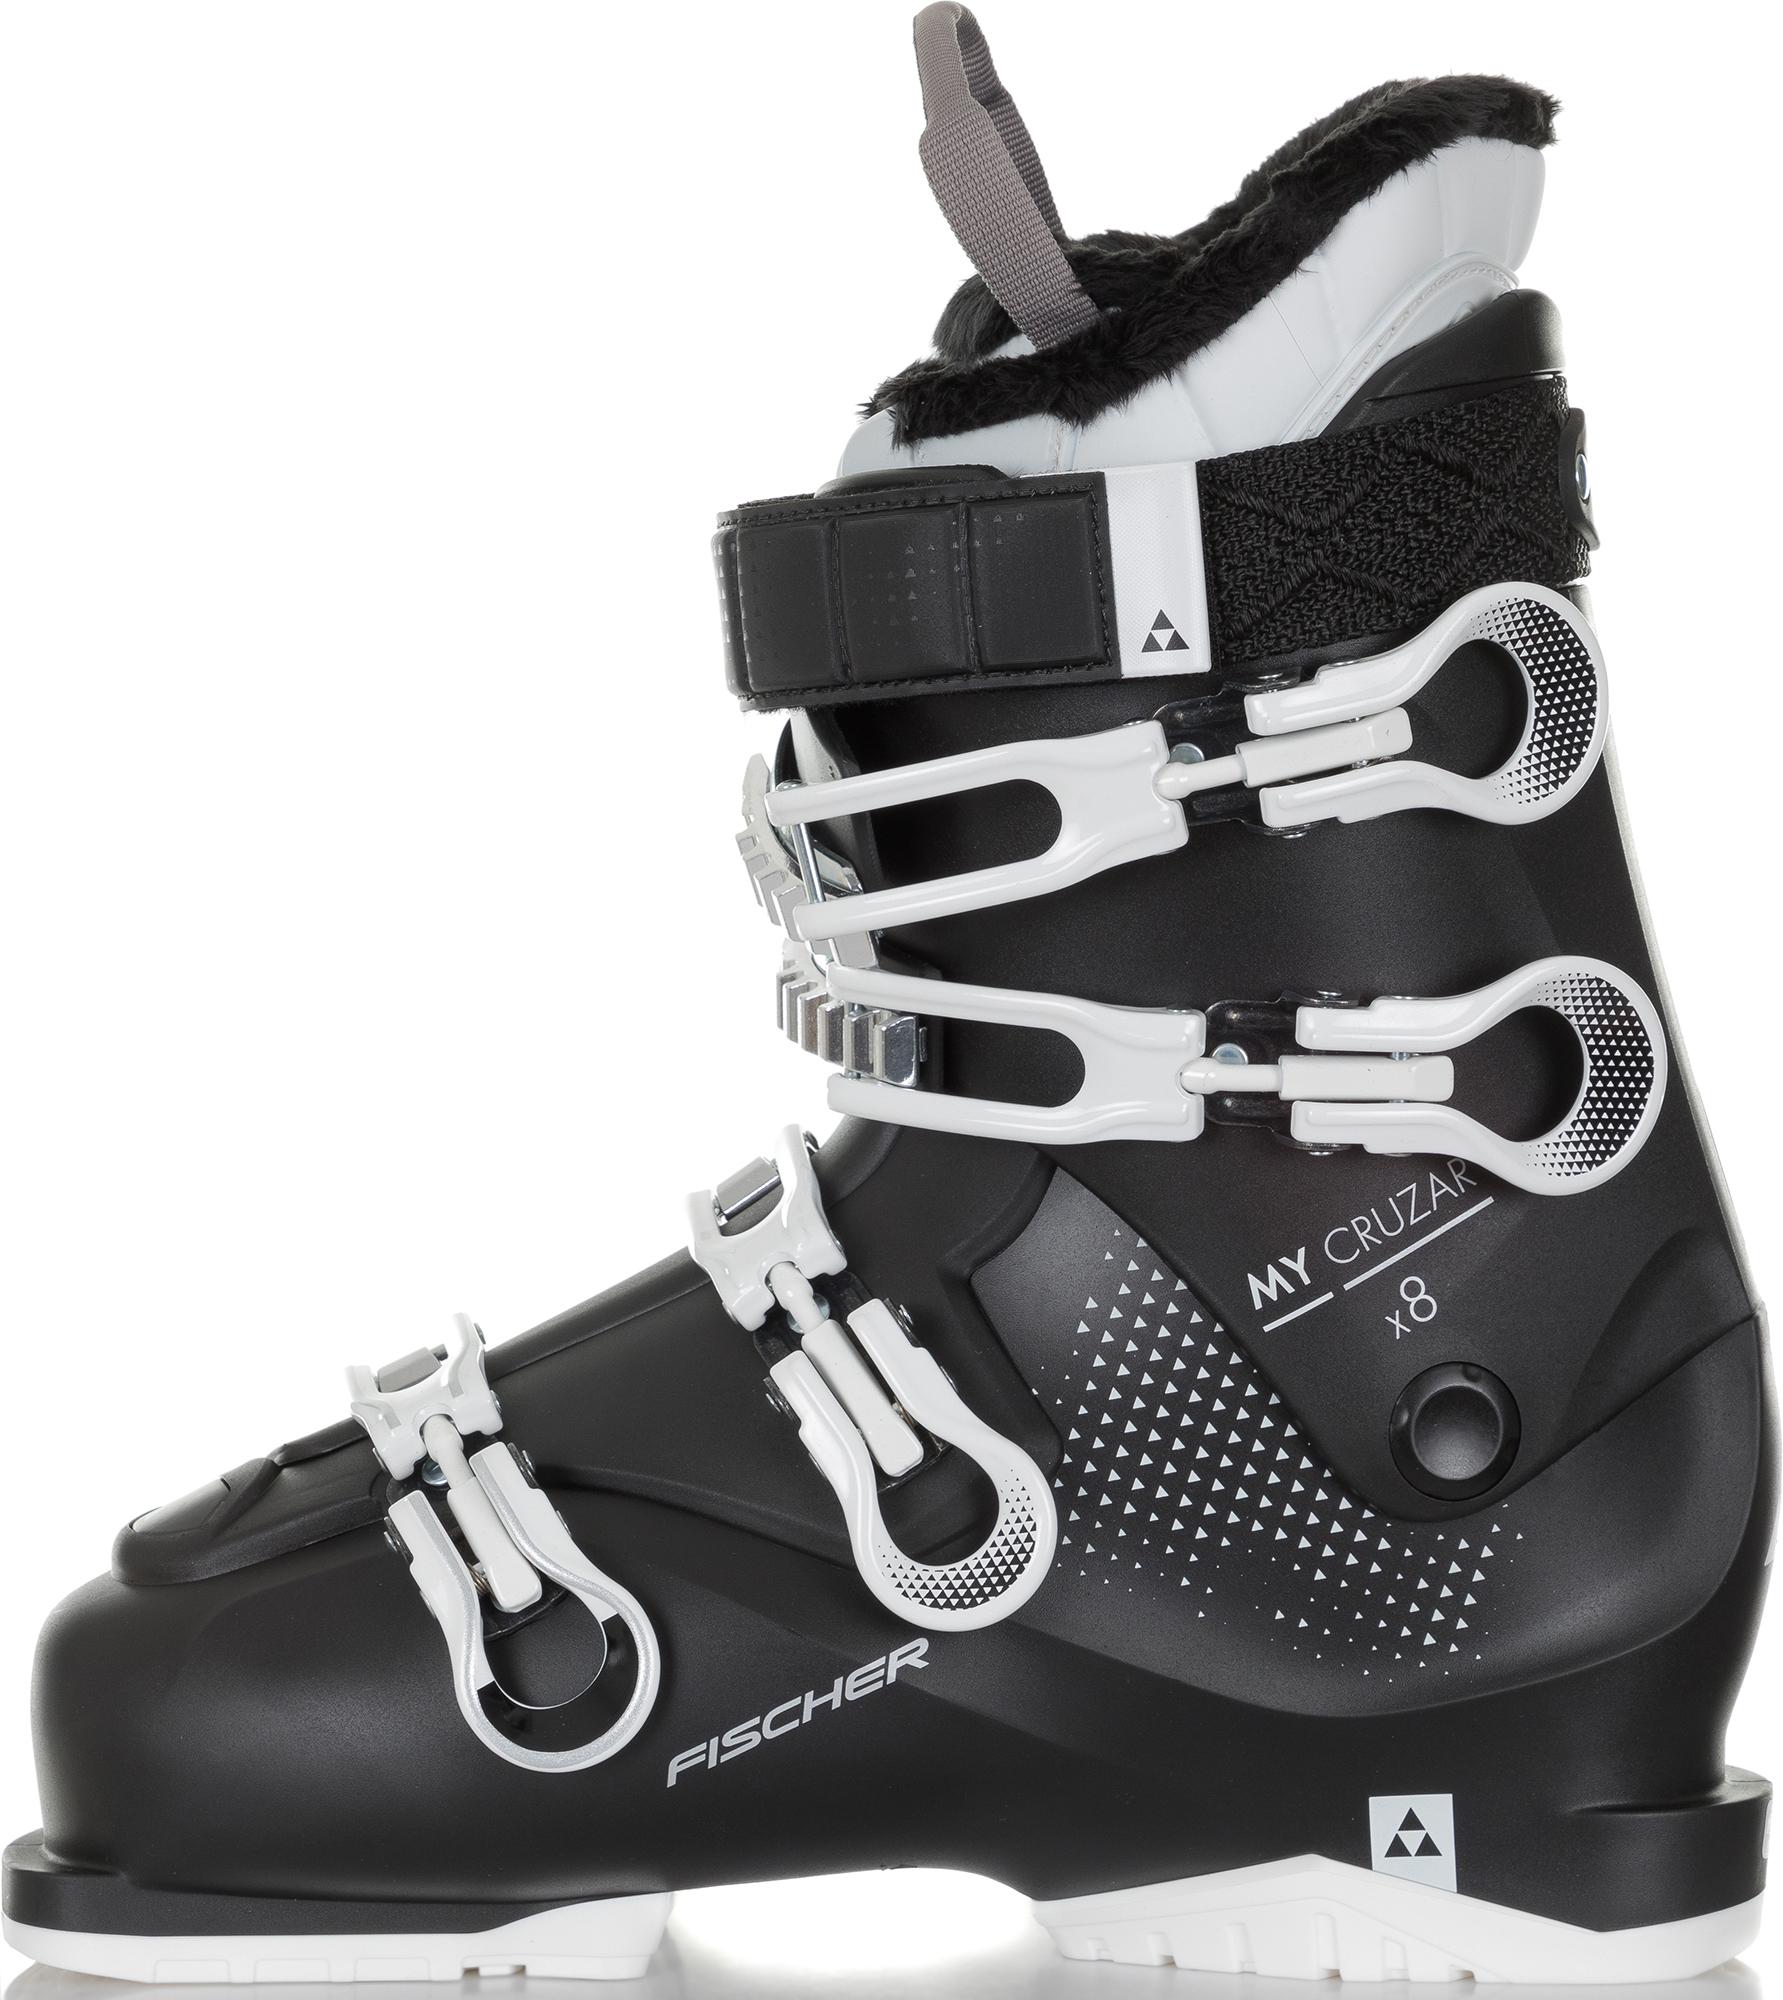 Fischer Ботинки горнолыжные женские Fischer MY CRUZAR X 8,0 THERMOSHAPE, размер 40 цены онлайн